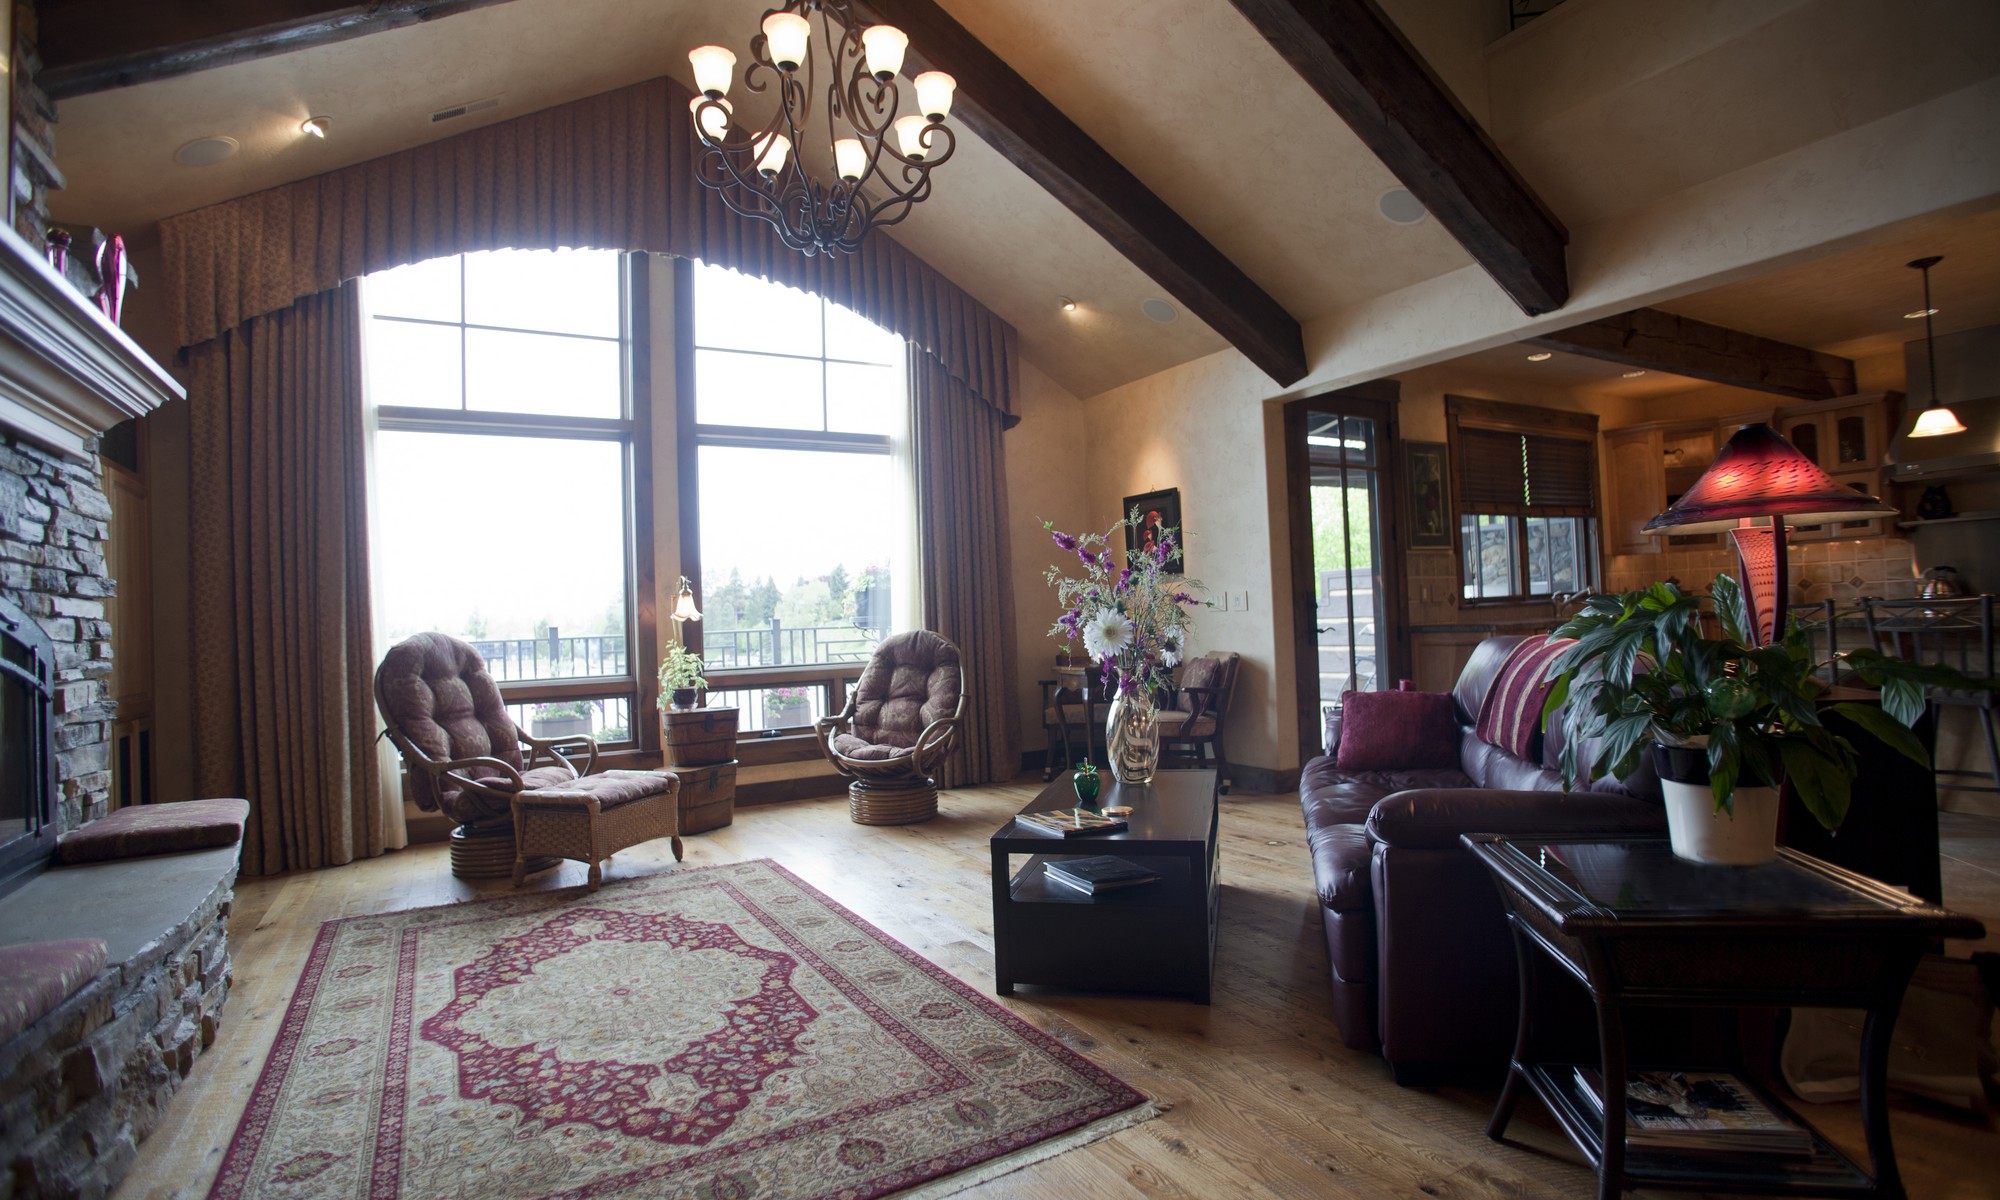 Кооперативная квартира для того Продажа на Lakefront Condominium 474 Electric Ave Bigfork, Монтана, 59911 Соединенные Штаты